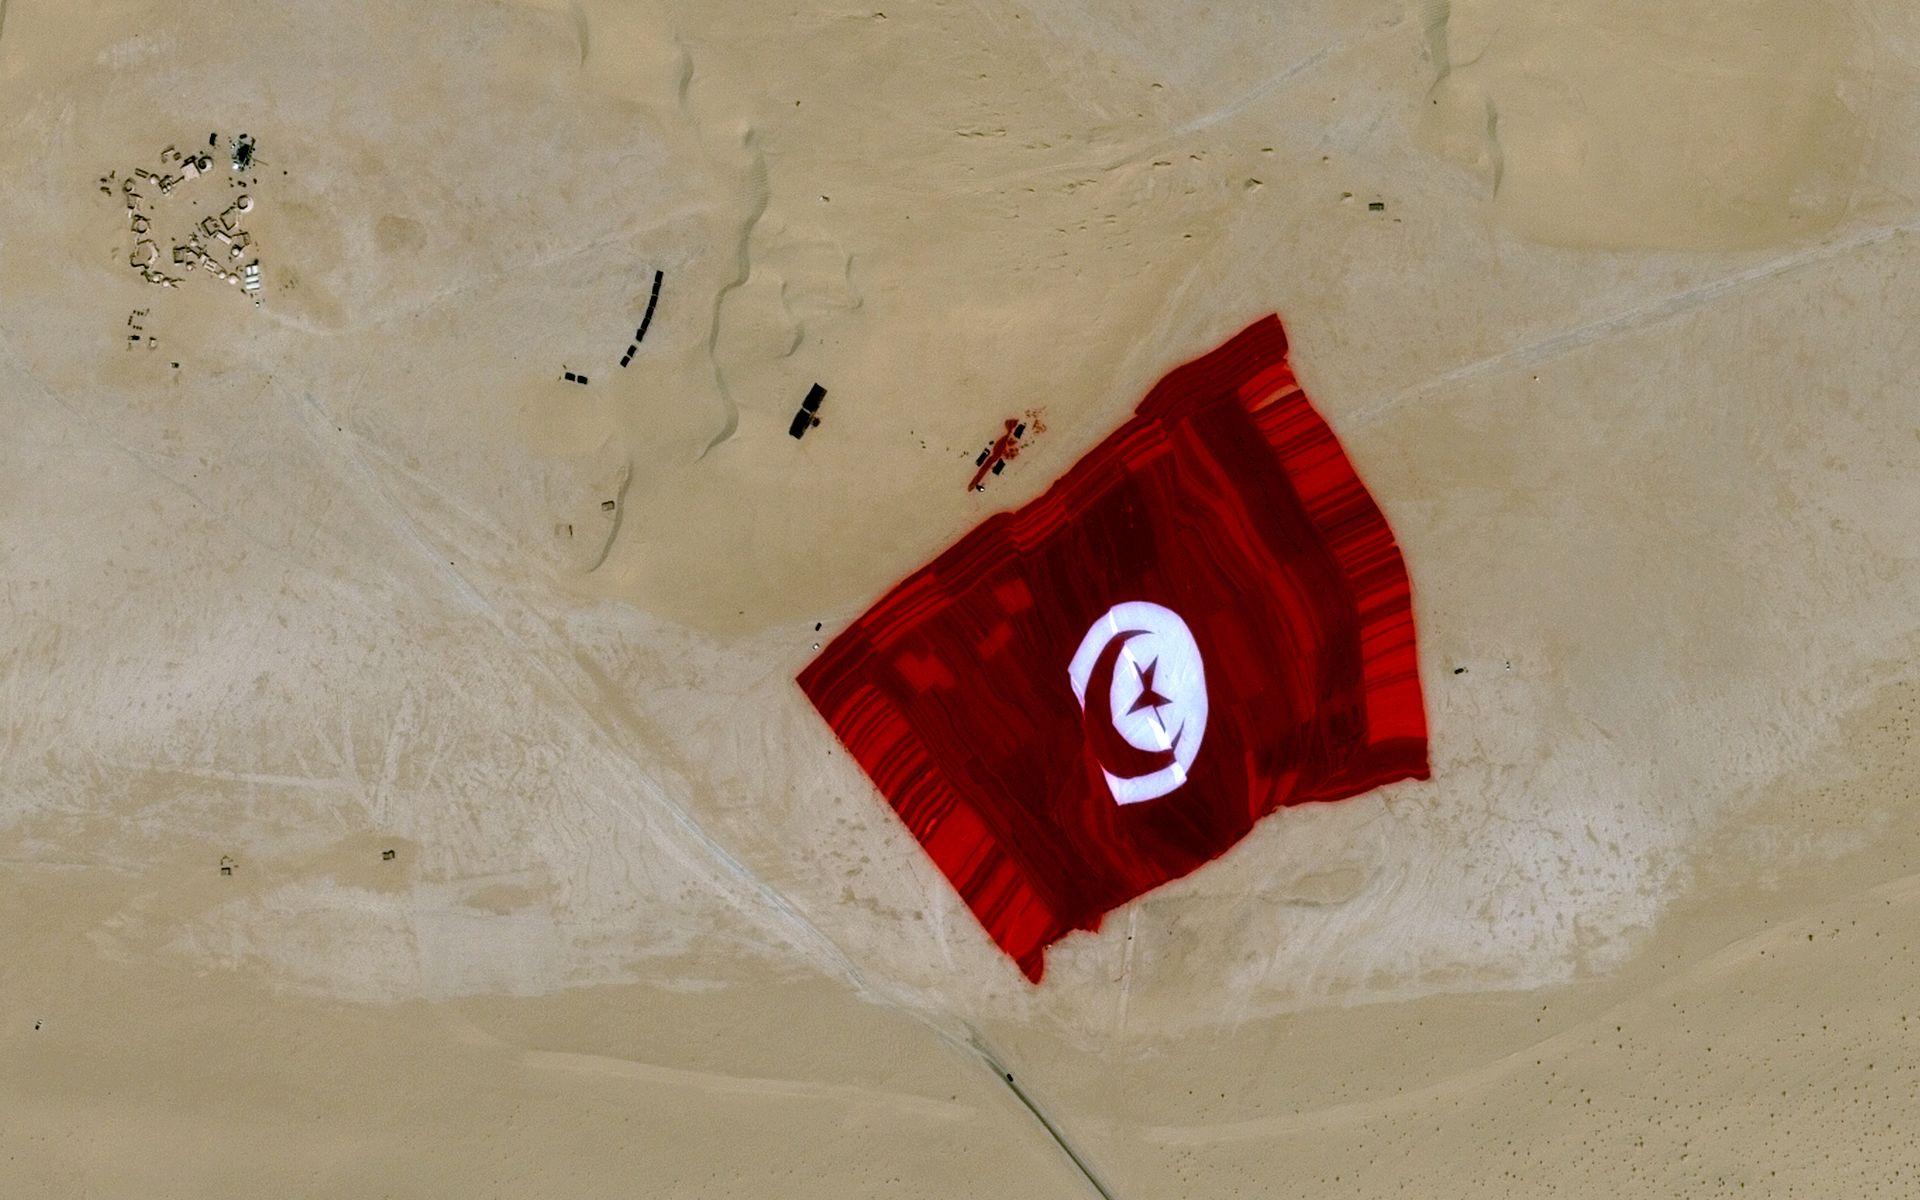 Tunisie - Drapeau tunisien géant - Tunisian flag - Record - Guinness book - Pleiades - Tozeur - Plus grand drapeau du monde - Largest flag - satellite - CNES - Airbus DS - 2 mai 2015 - Tozeur - Nous sommes Tunisie